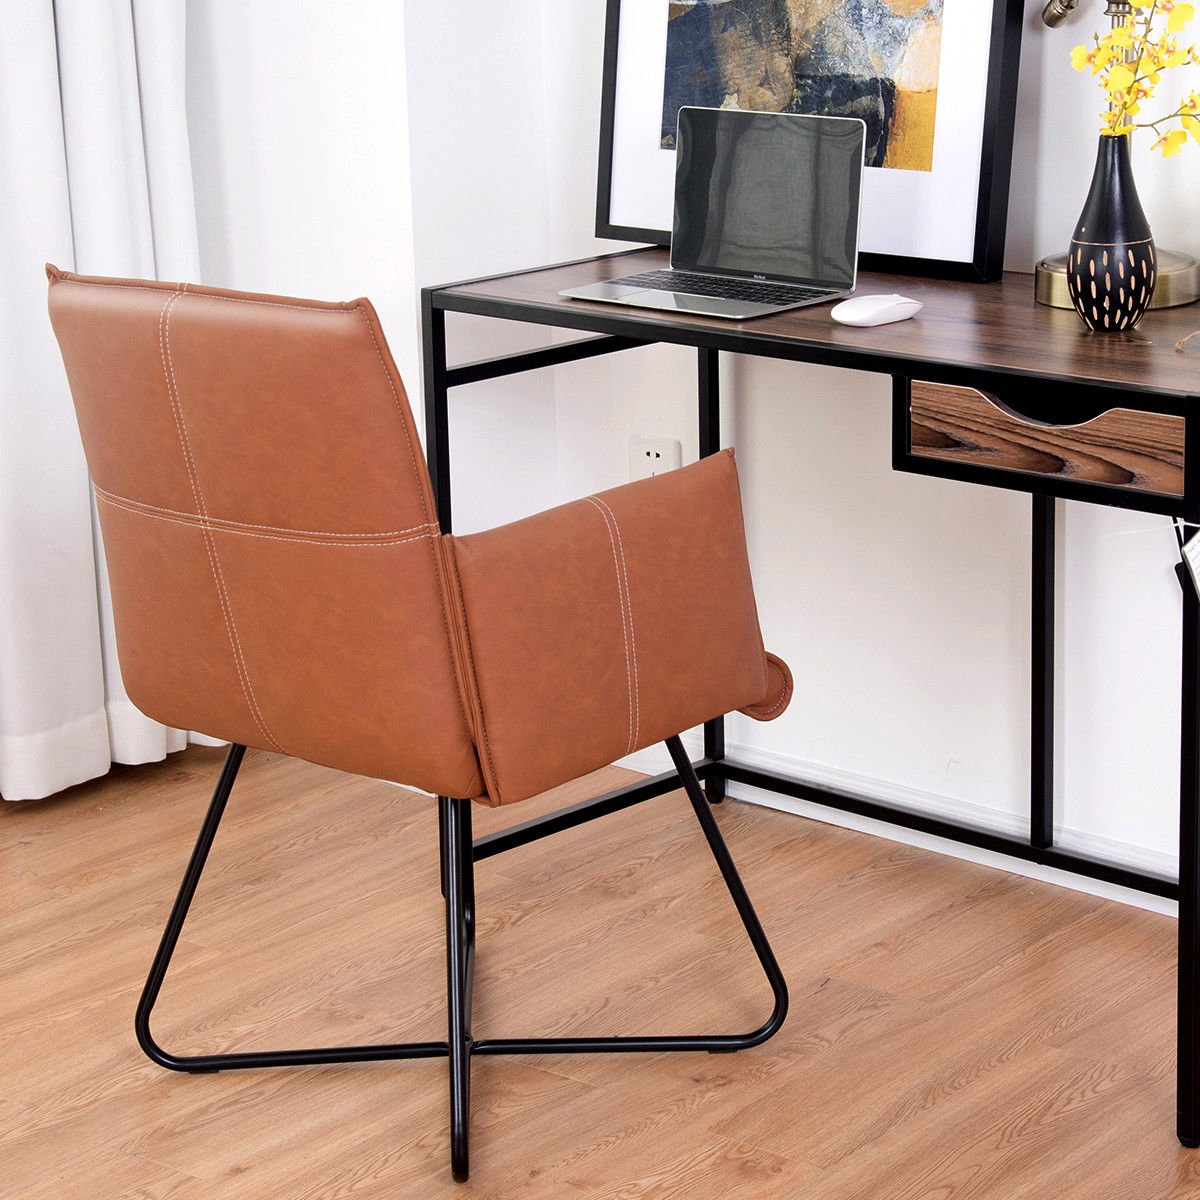 Amazon.com: Giantex 2 piezas sillas de comedor taburetes W ...